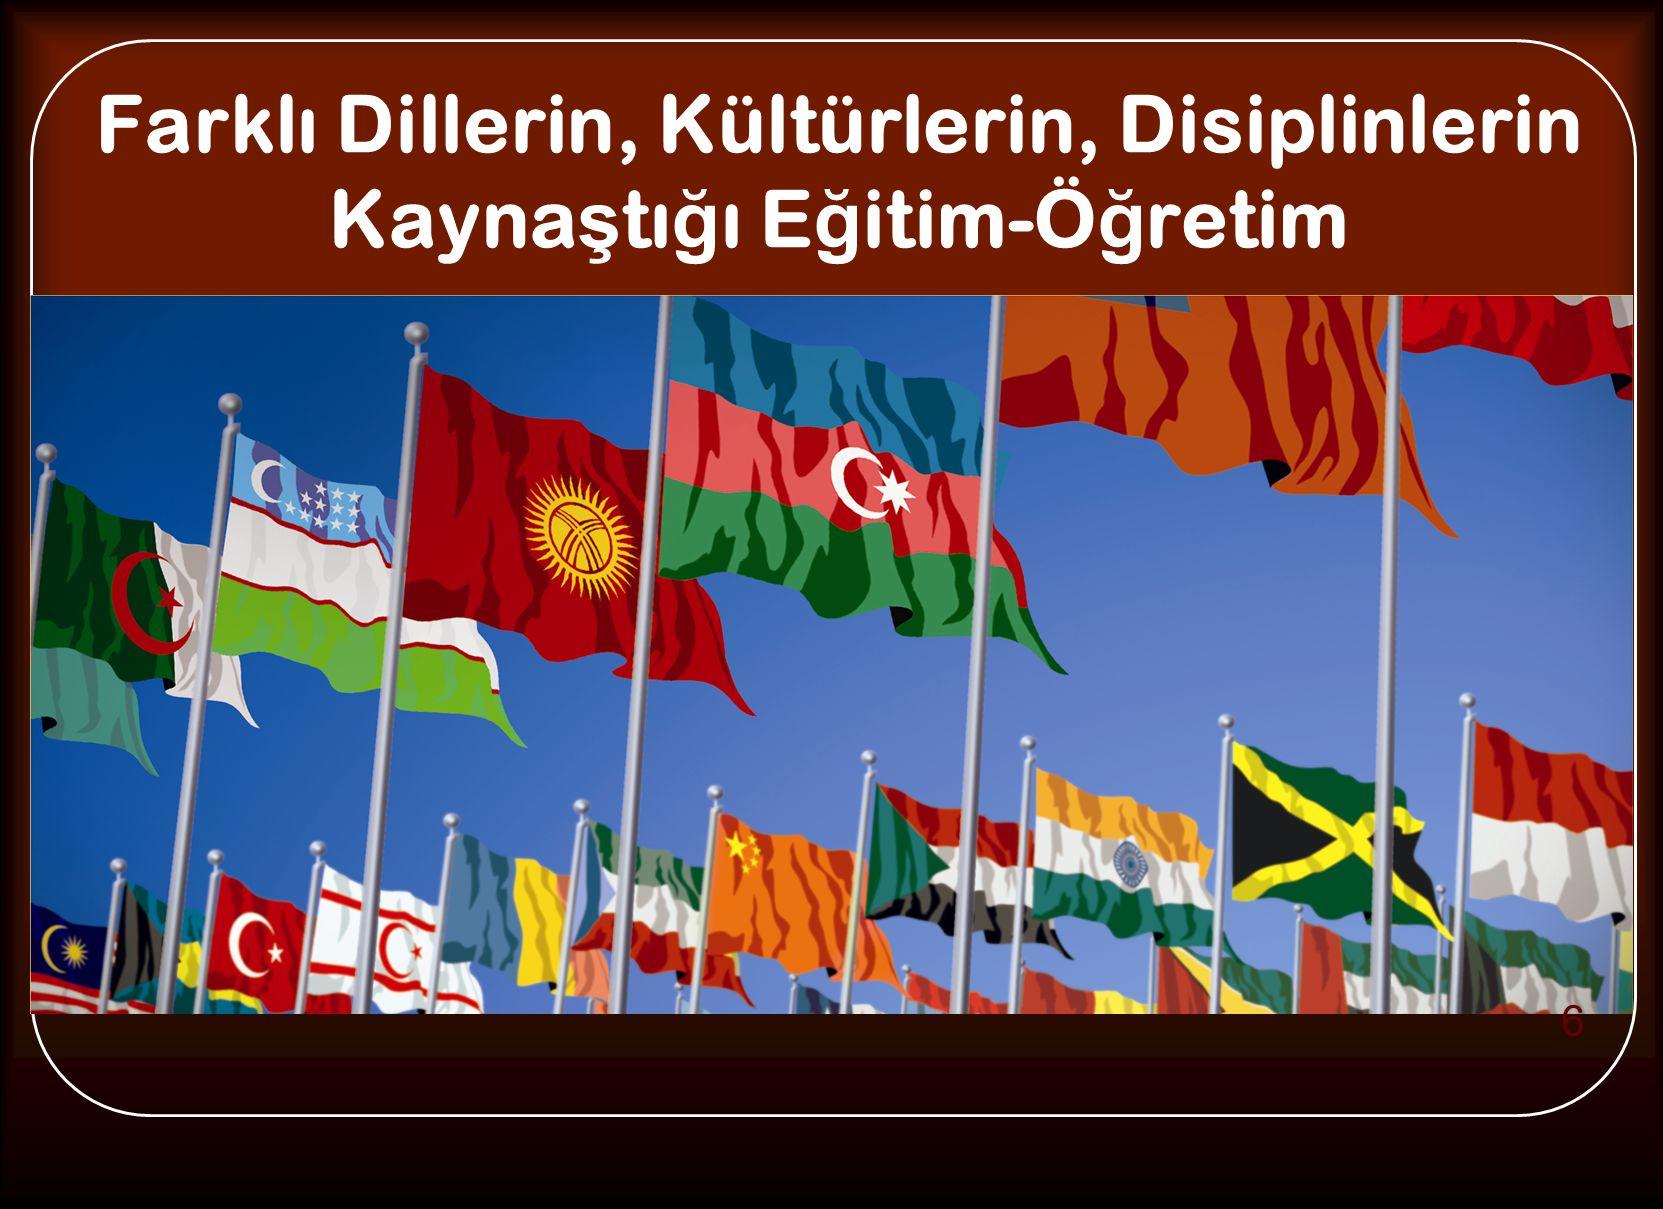 Farklı Dillerin, Kültürlerin, Disiplinlerin Kayna ş tı ğ ı E ğ itim-Ö ğ retim 6